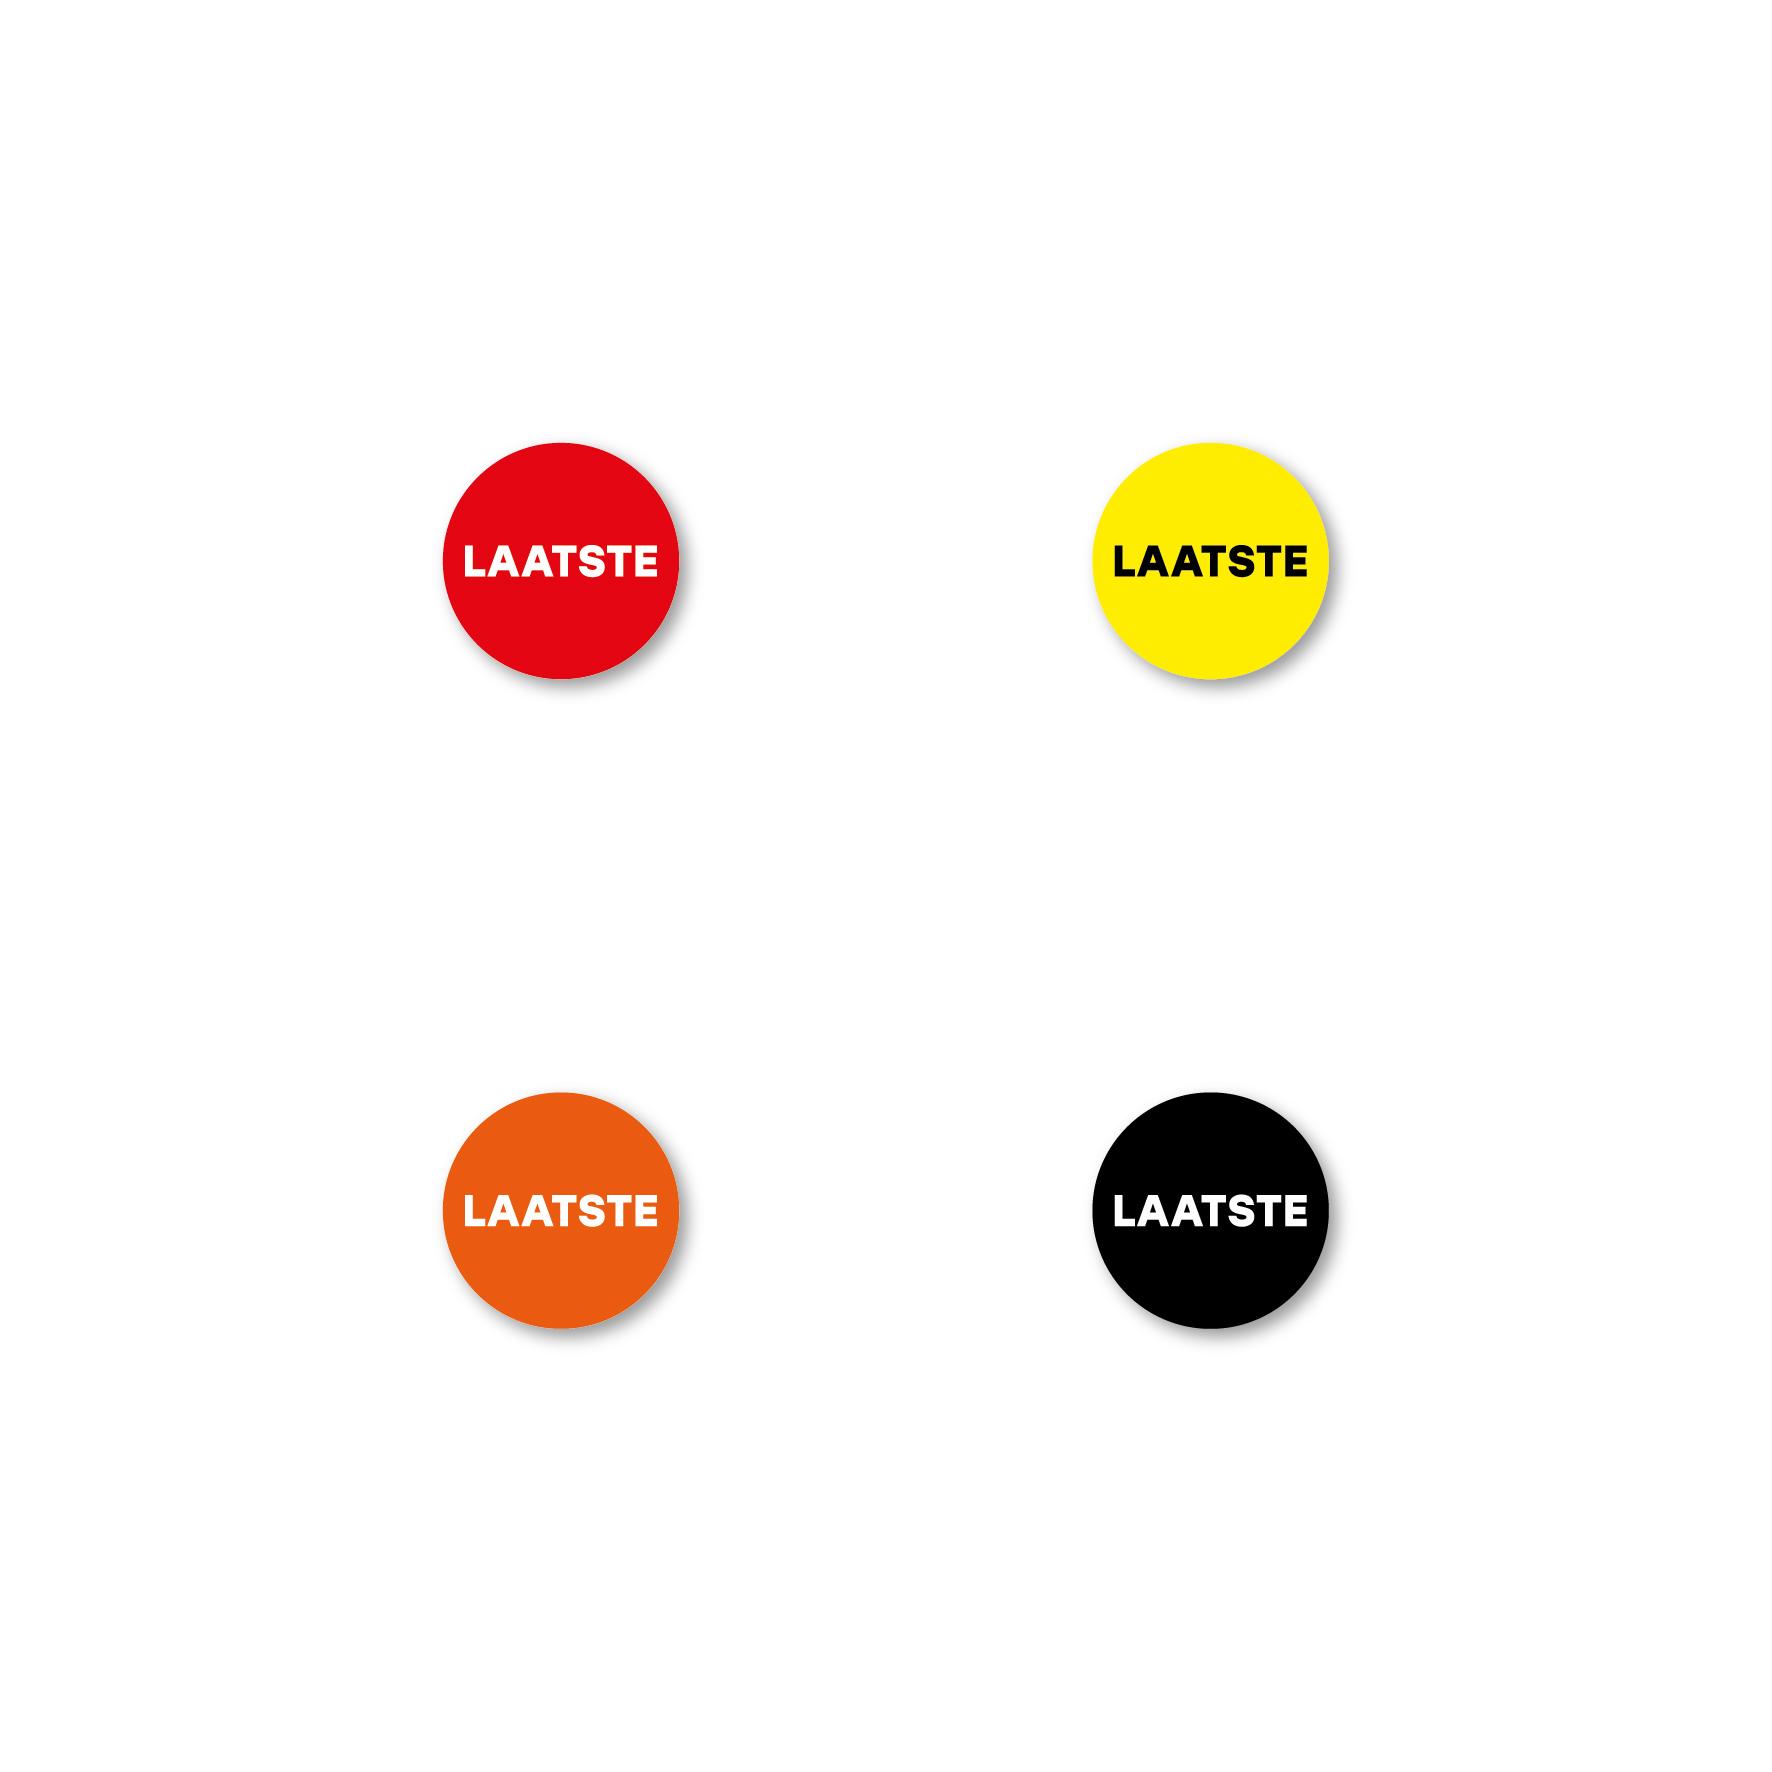 Bril stickers 'Laatste' geel-zwart rond 15mm